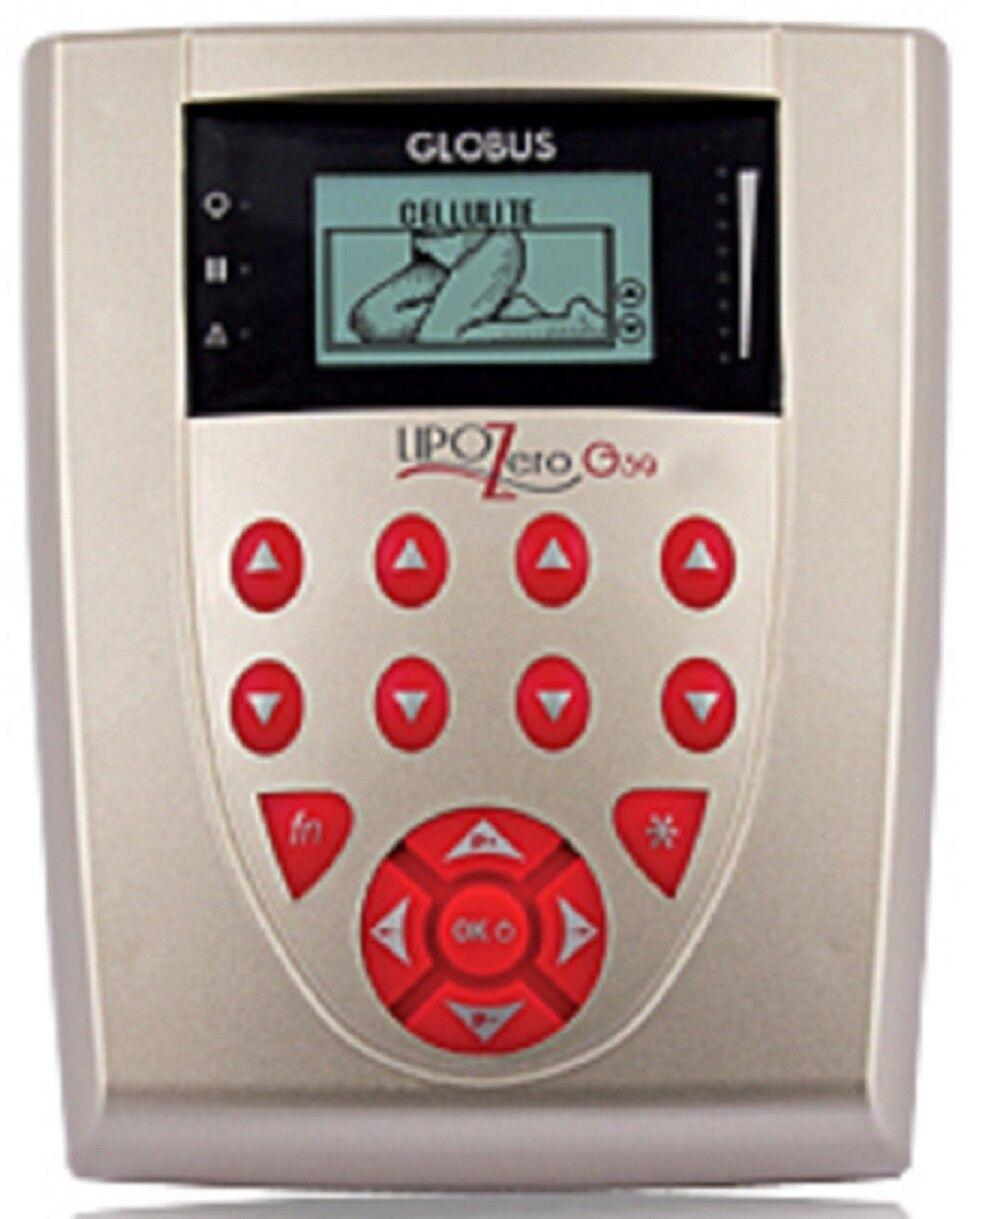 Cavitazione Estetica - Globus Lipozero G39 - AntiCellulite Ultrasuoni - G1404